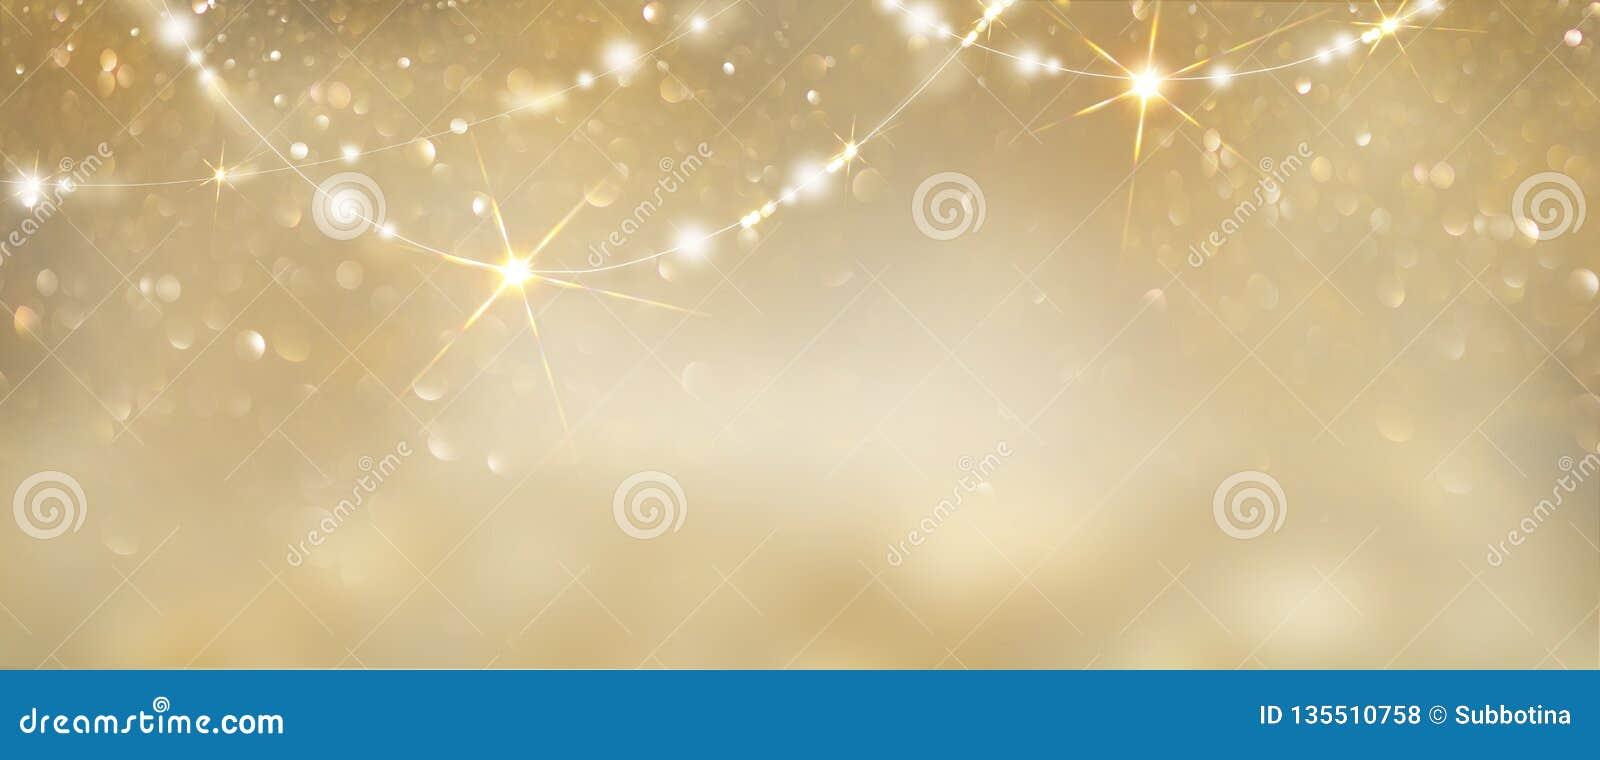 Fondo que brilla intensamente de oro de la Navidad Contexto defocused del brillo del extracto del día de fiesta con alquitranes y